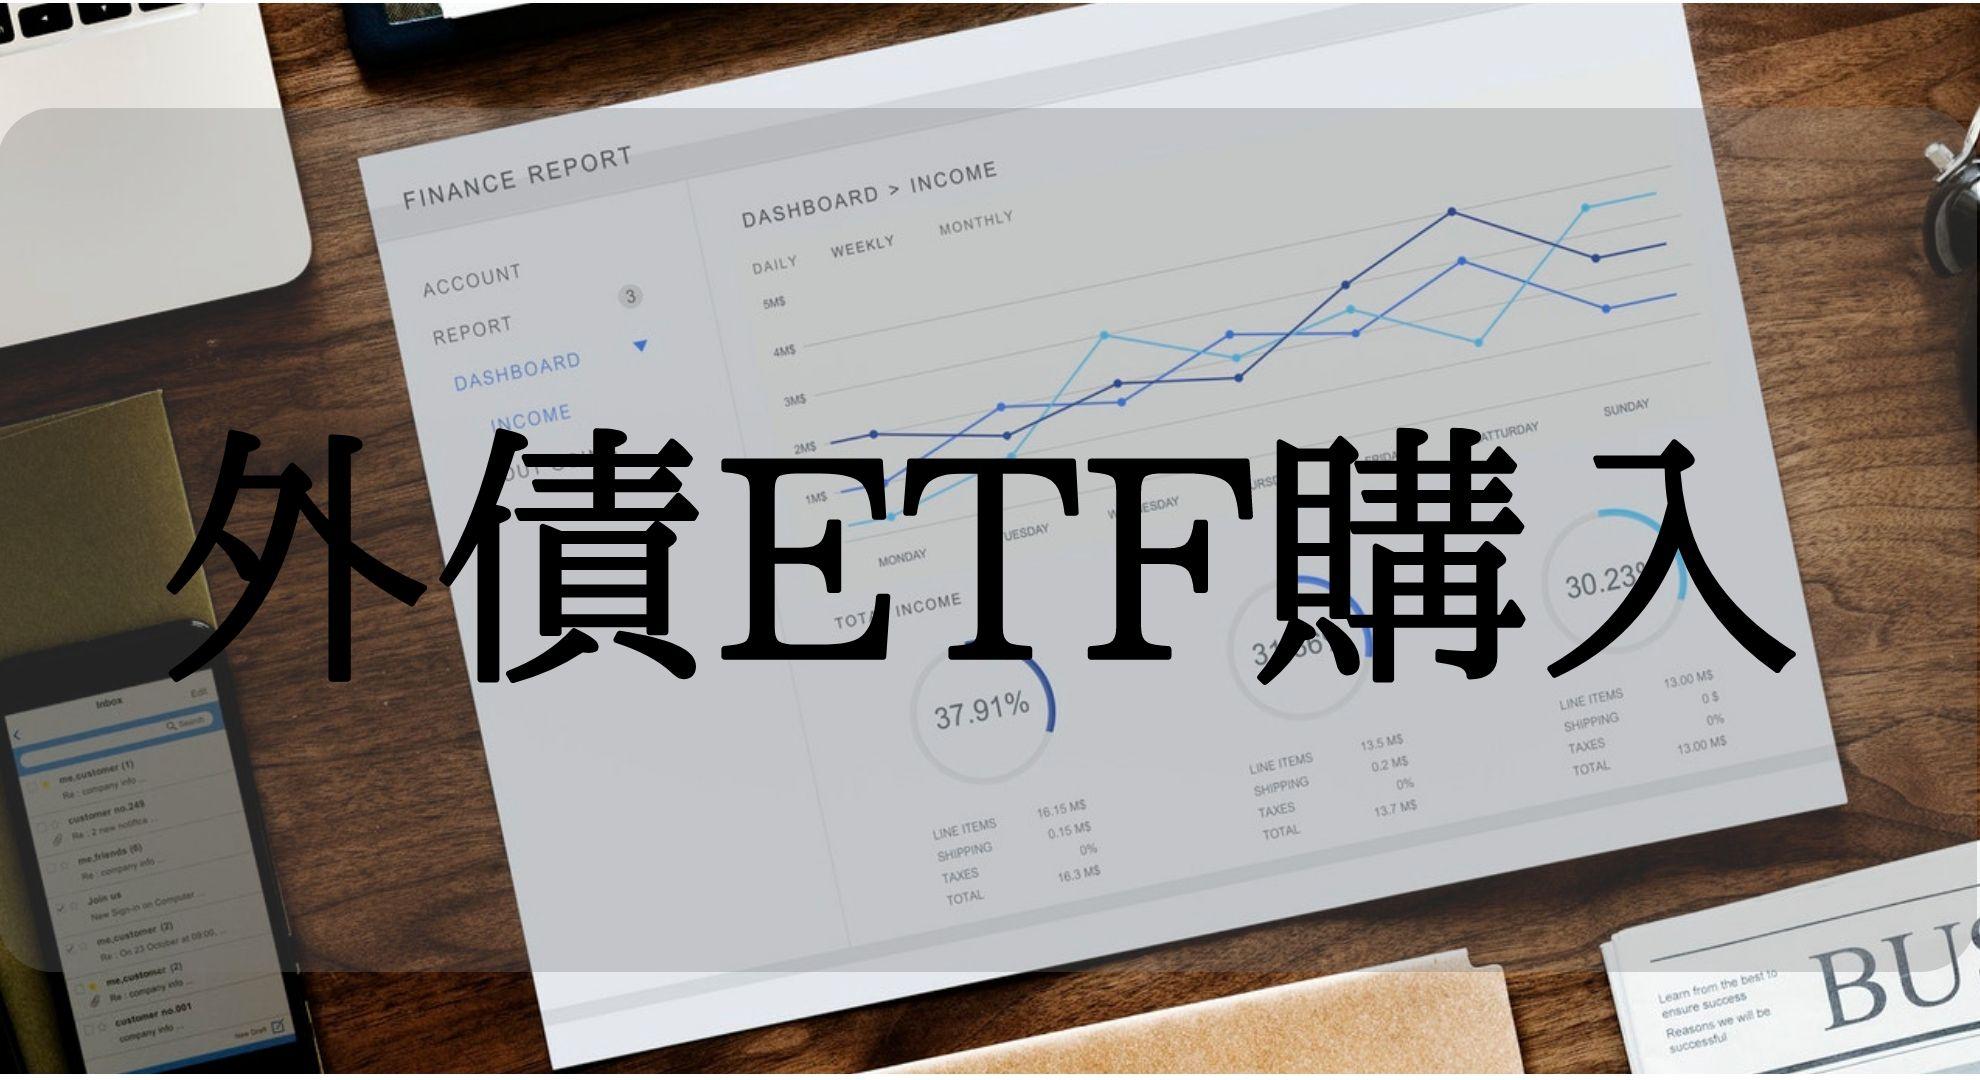 外国債券ETF(バンガード・超長期米国債ETFとバンガード・米ドル建て新興国政府債券ETF)に投資